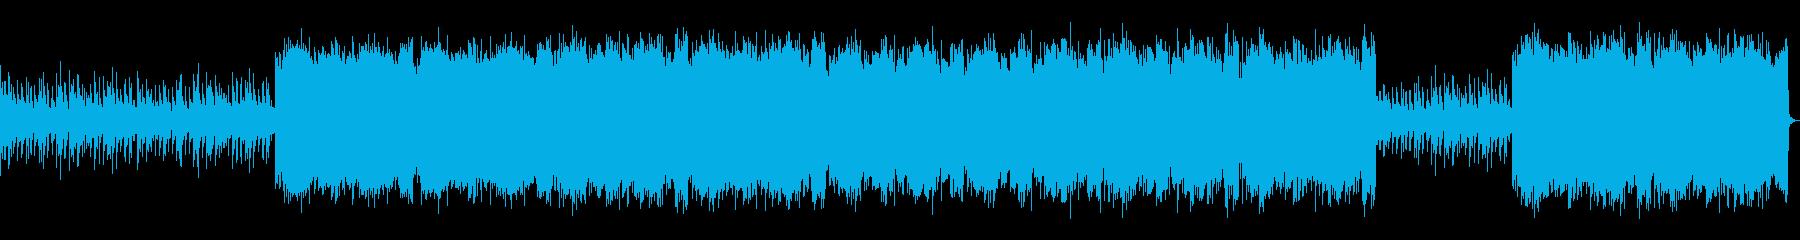 インダストリアルなロック_No652_1の再生済みの波形